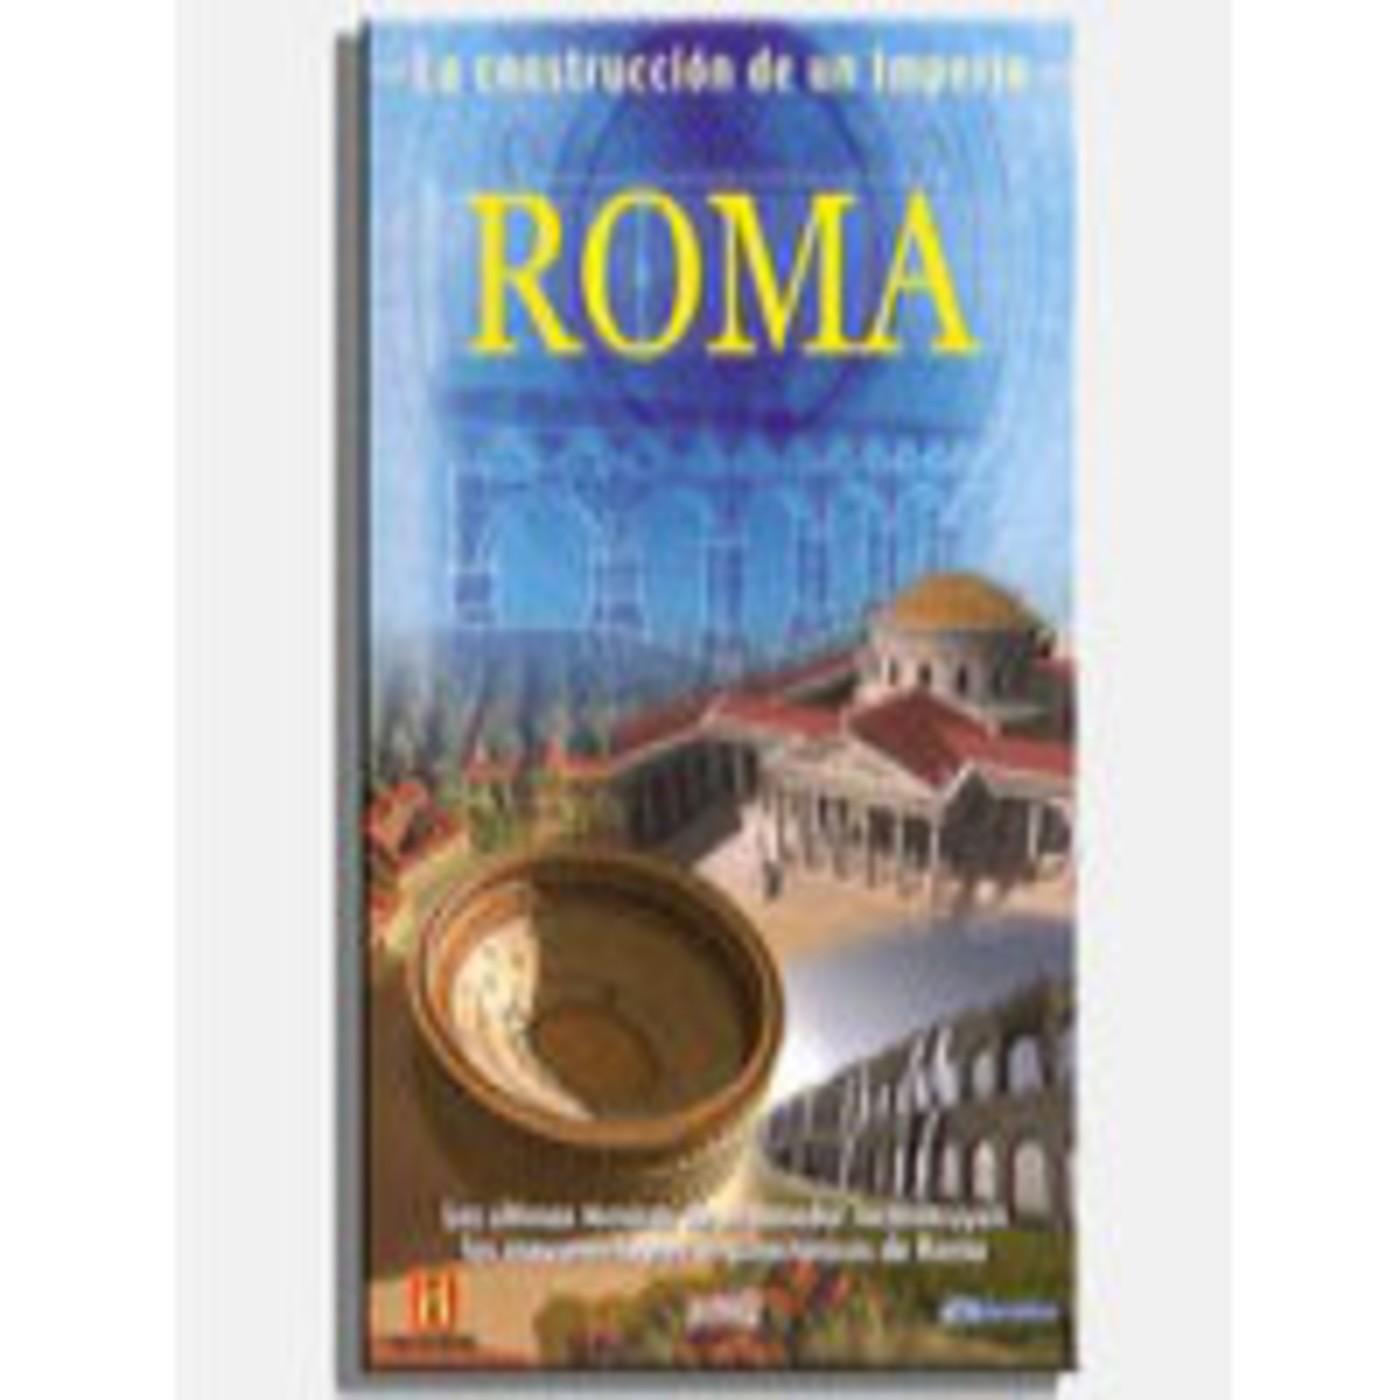 La Construccion de un Imperio (6de14): Roma (Capitulo doble)